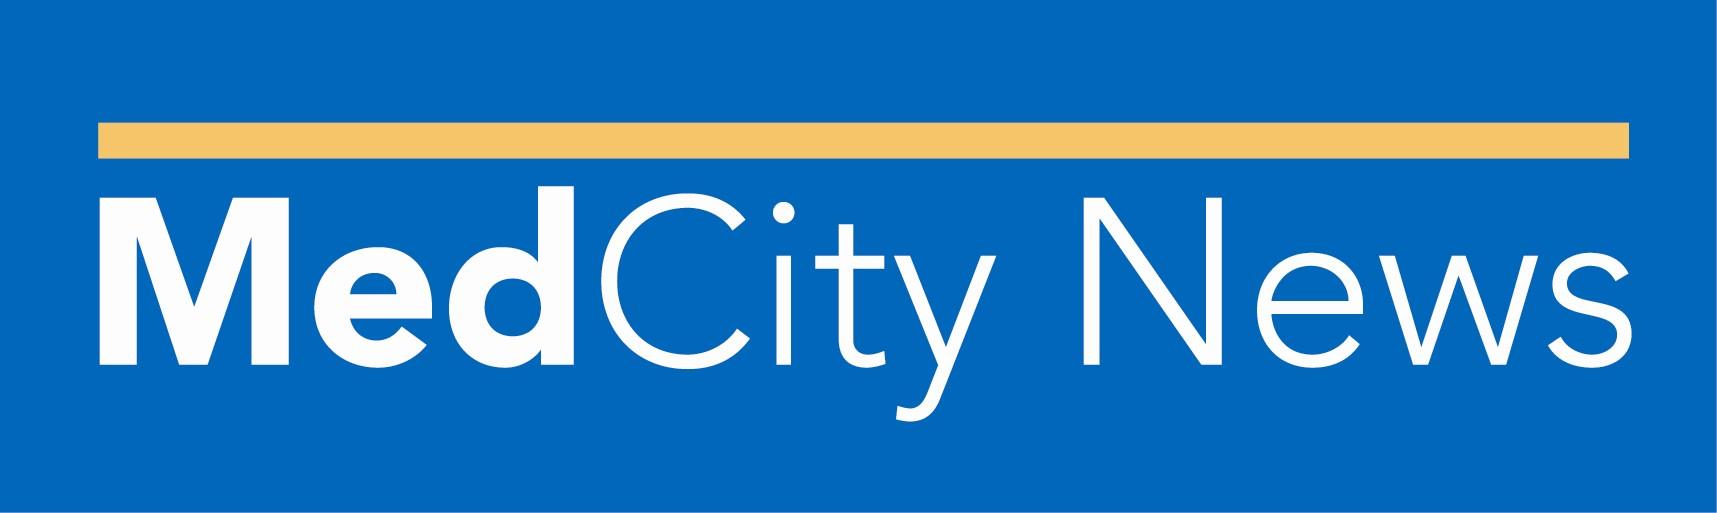 medcitymedia_logo.jpg